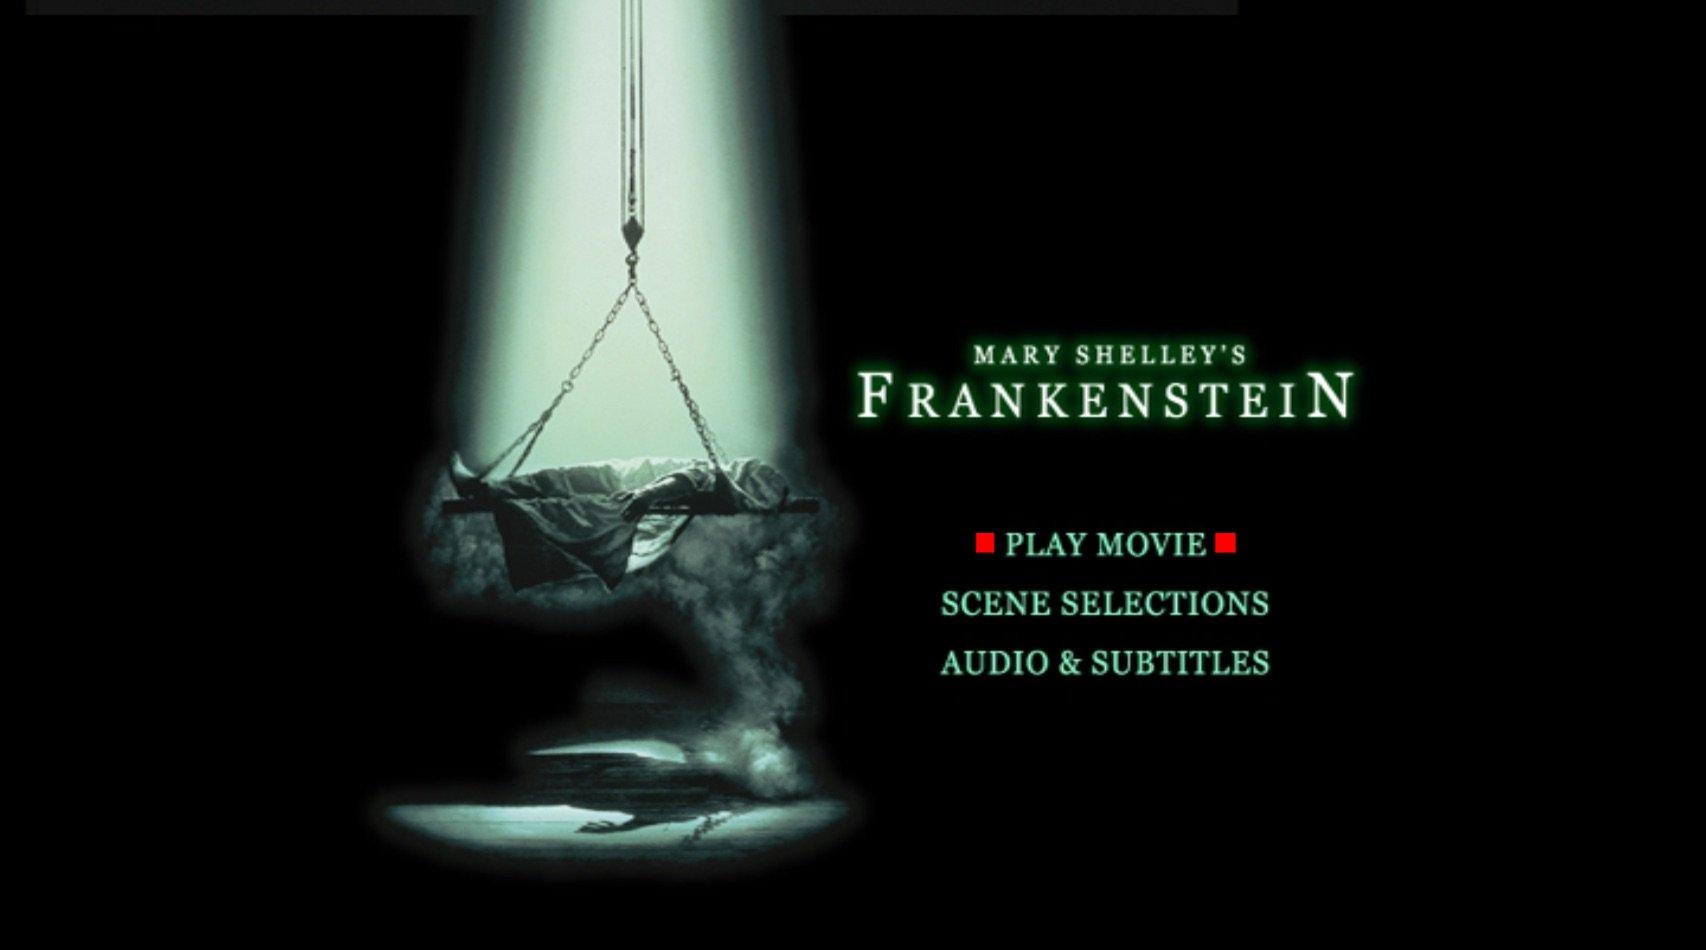 よかった(*´∀`*) ケネス・ブラナーとロバート・デ・ニーロの。  「(原題:Frankenstein、別題:Mary Shelley's Frankenstein)は、1994年に公開された、イギリス・日本・アメリカ合作によるアメリカン・ゾエトロープ製作のホラー映画」  フランケンシュタイン - Wikipedia https://t.co/JuhmTx2mc9 https://t.co/bvM8invhQ3